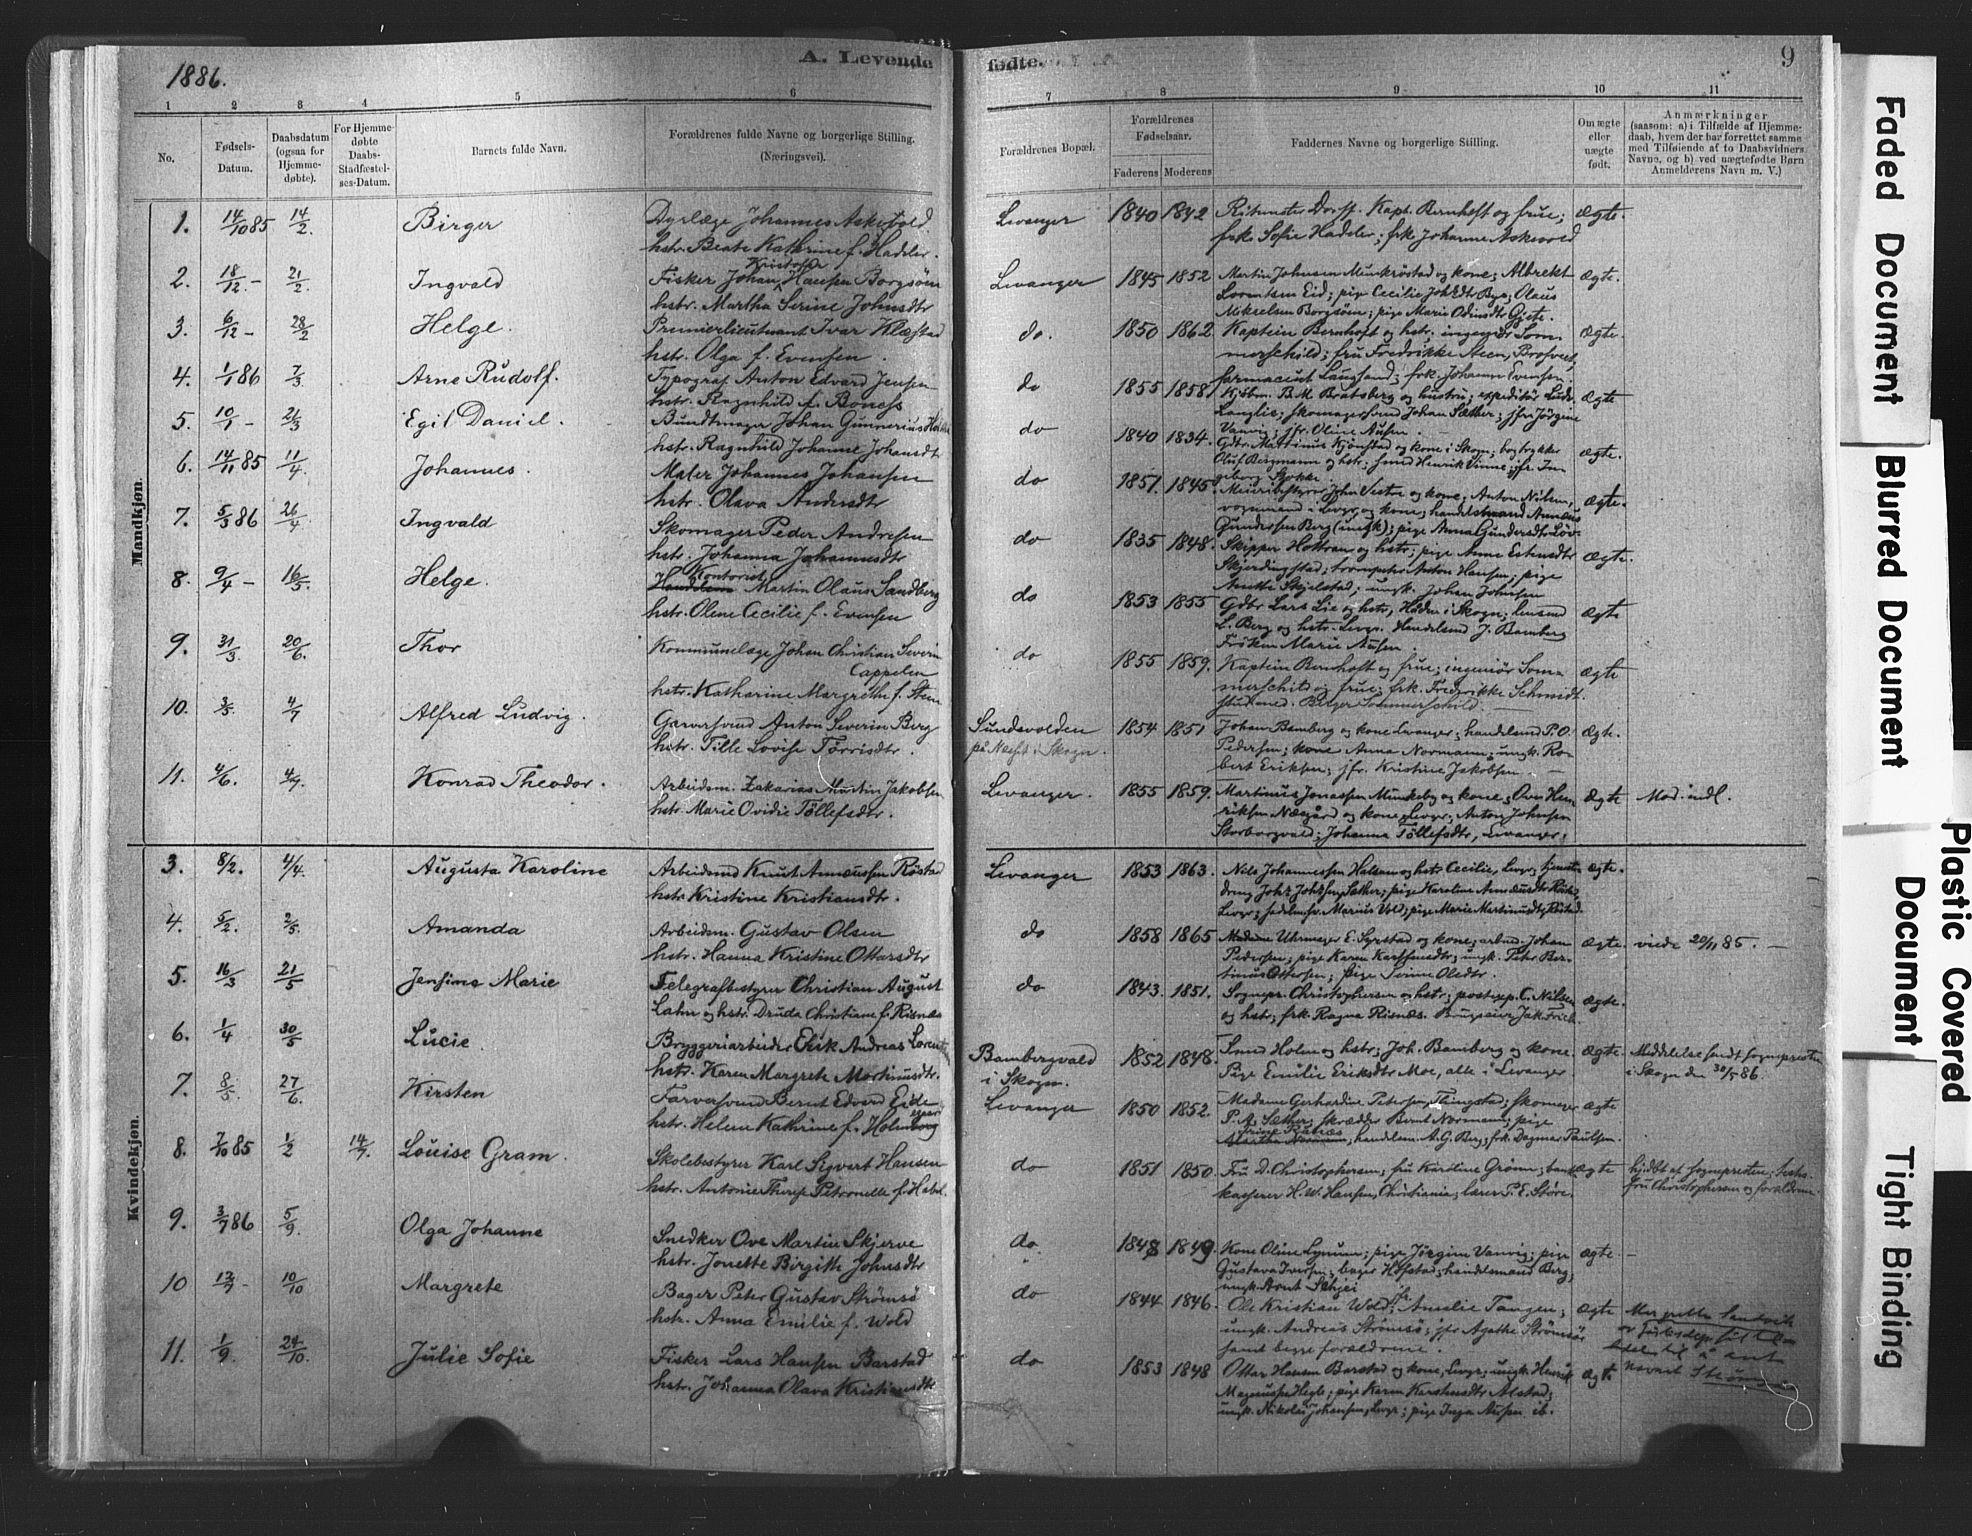 SAT, Ministerialprotokoller, klokkerbøker og fødselsregistre - Nord-Trøndelag, 720/L0189: Ministerialbok nr. 720A05, 1880-1911, s. 9